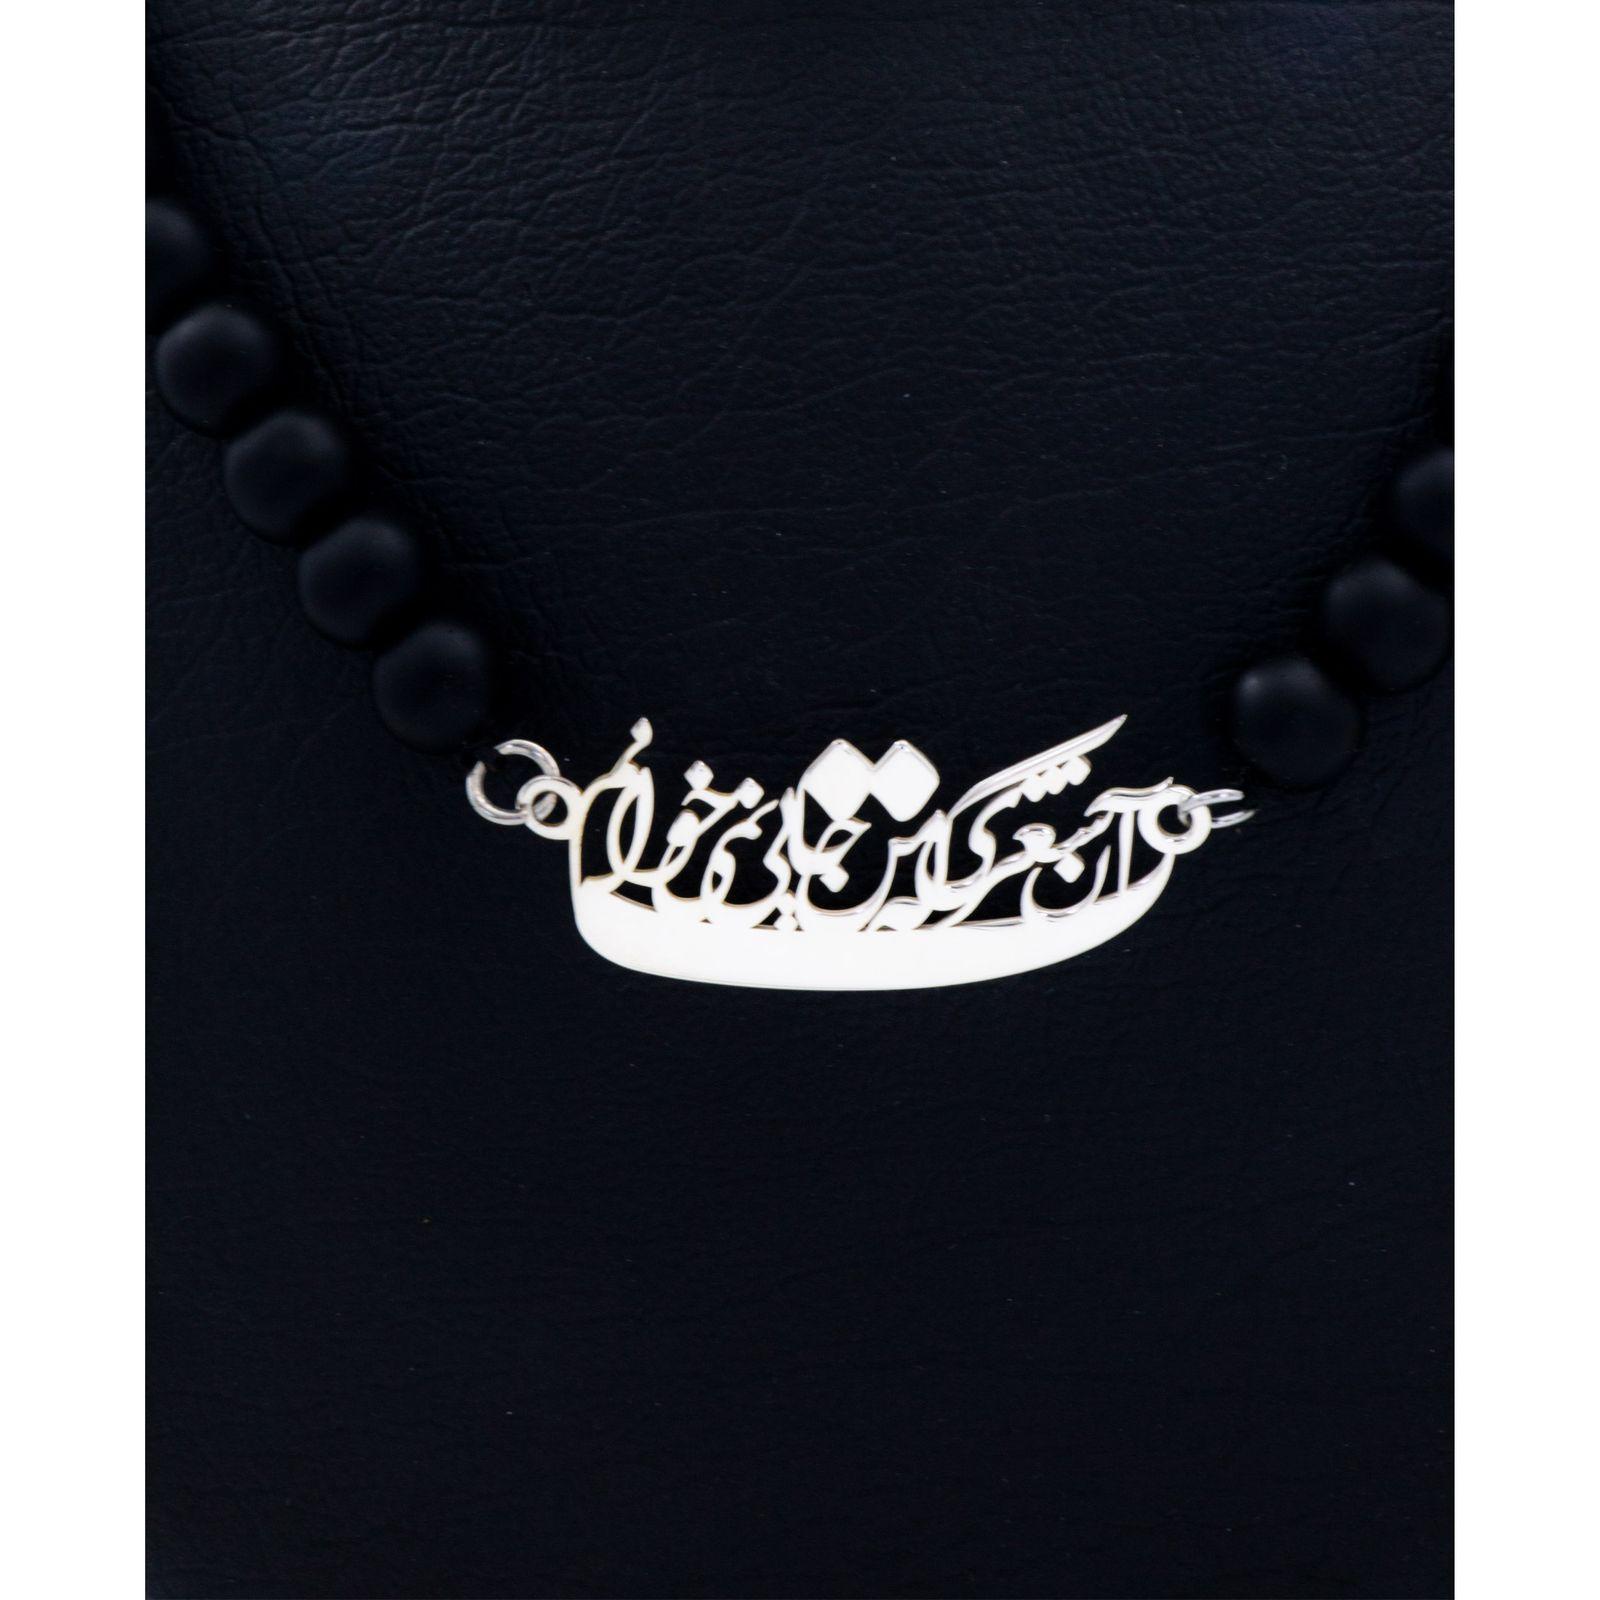 گردنبند نقره زنانه دلی جم طرح ت آن شعری که من جایی نمی خوانم کد D 70 -  - 3